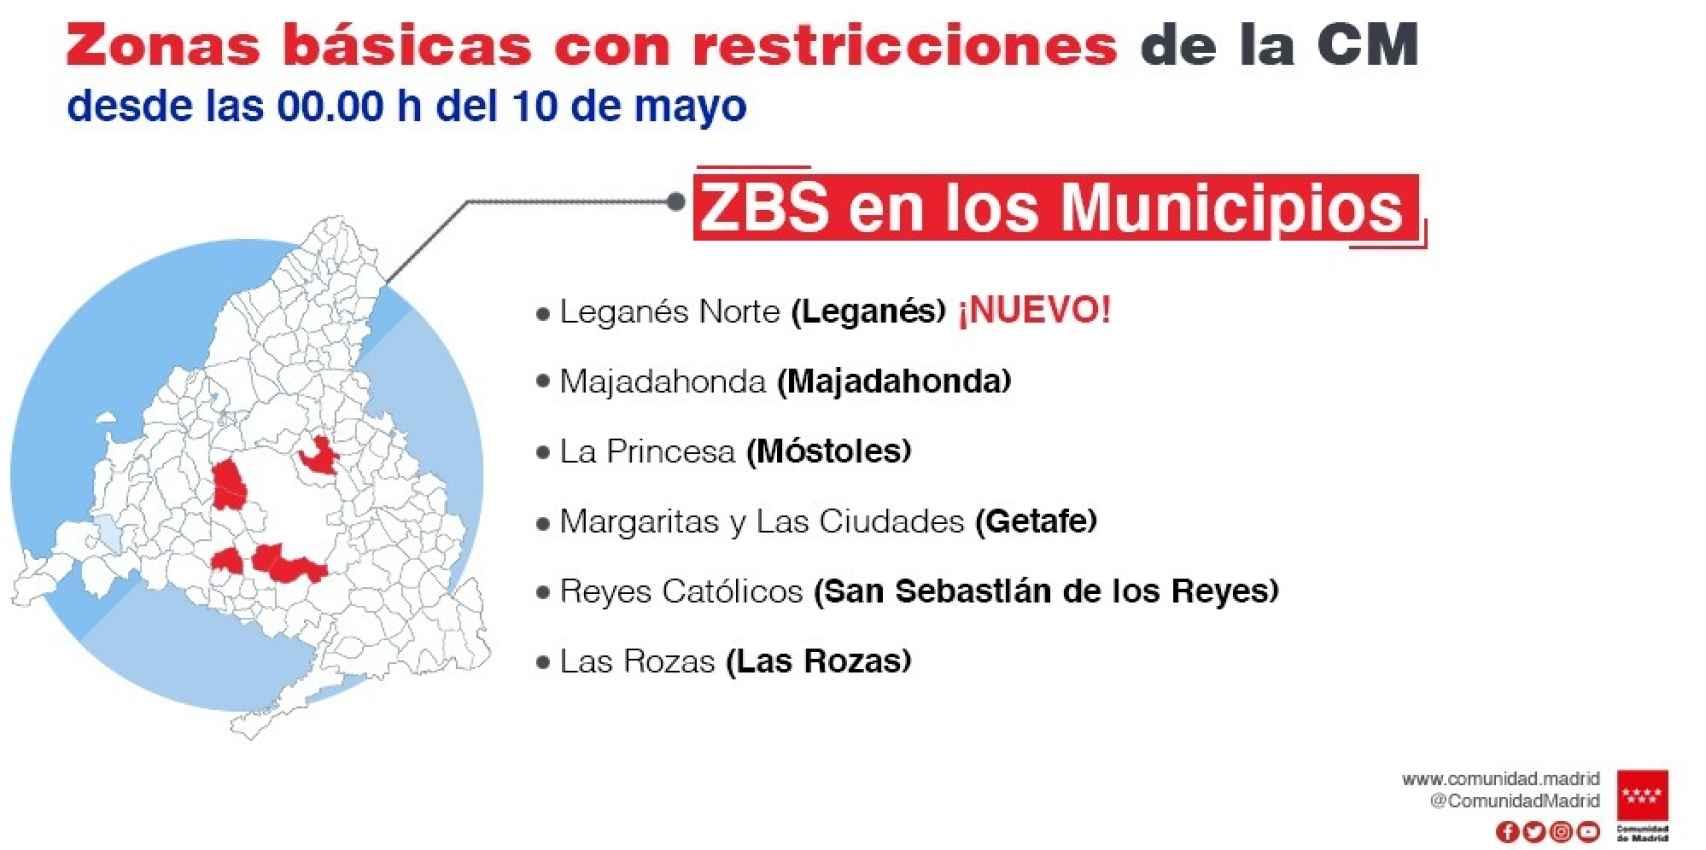 Restricciones en municipios